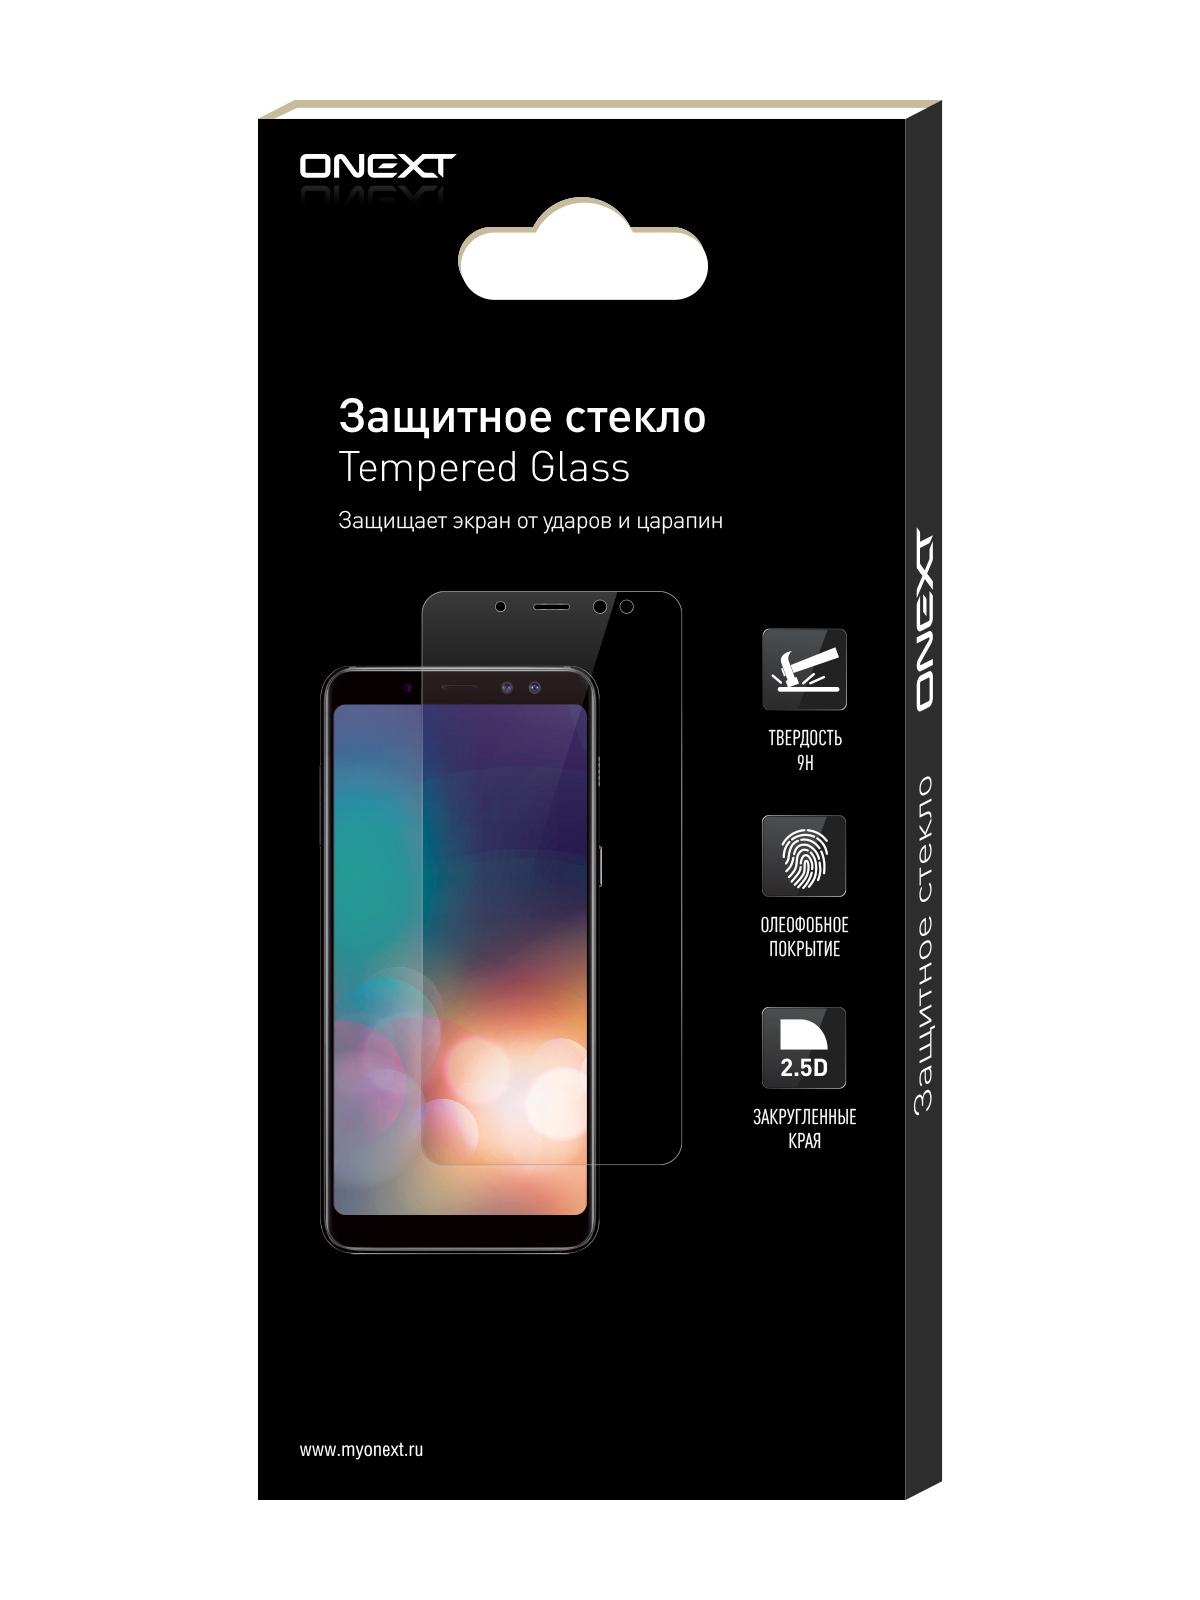 Защитное стекло ONEXT Samsung Galaxy A7 стекло защитное стекло для honor 10 onext 3d на весь экран с черной рамкой